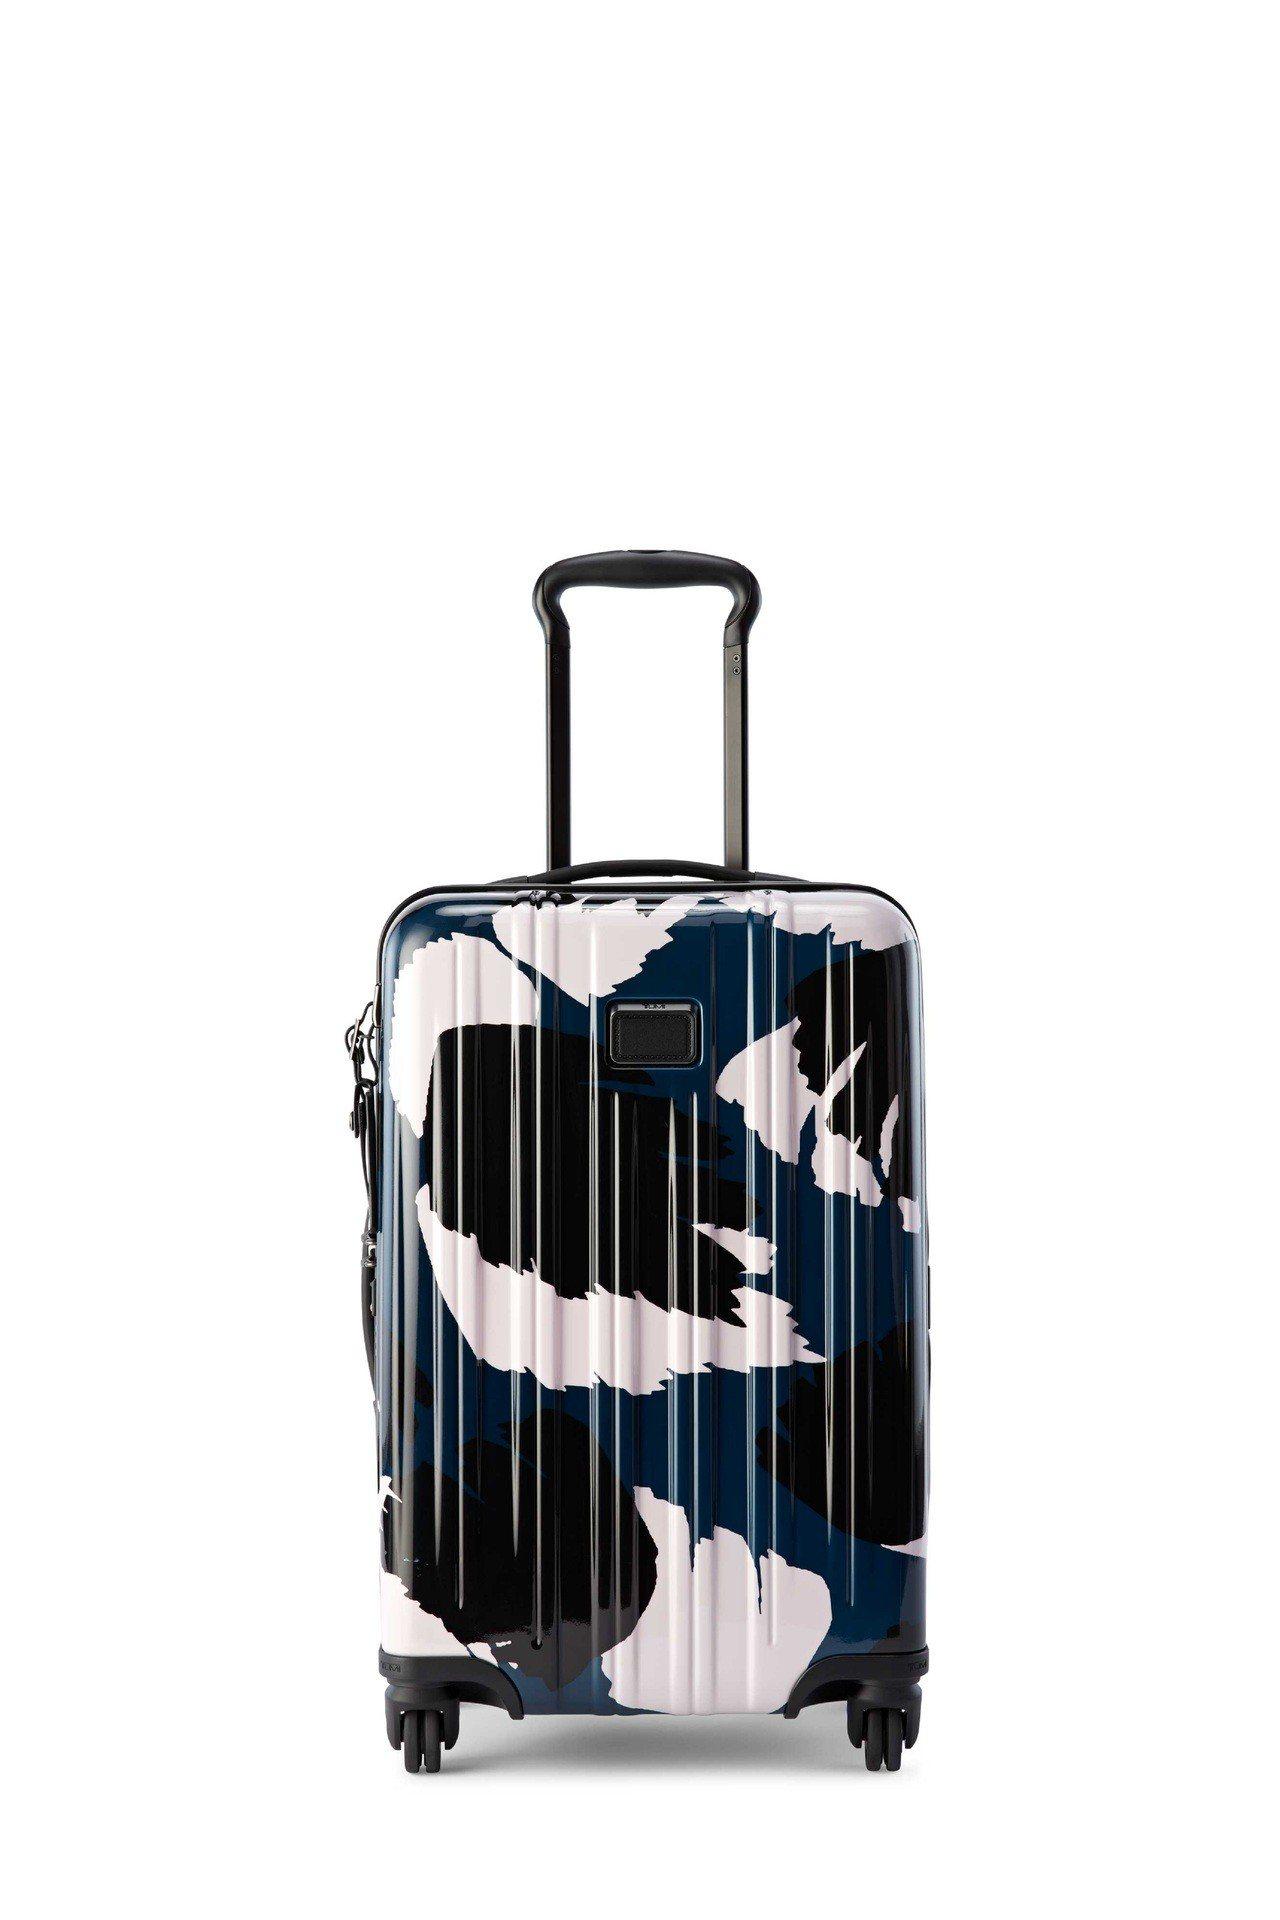 V3系列非洲印花20吋旅行箱,21,700元。圖/TUMI提供